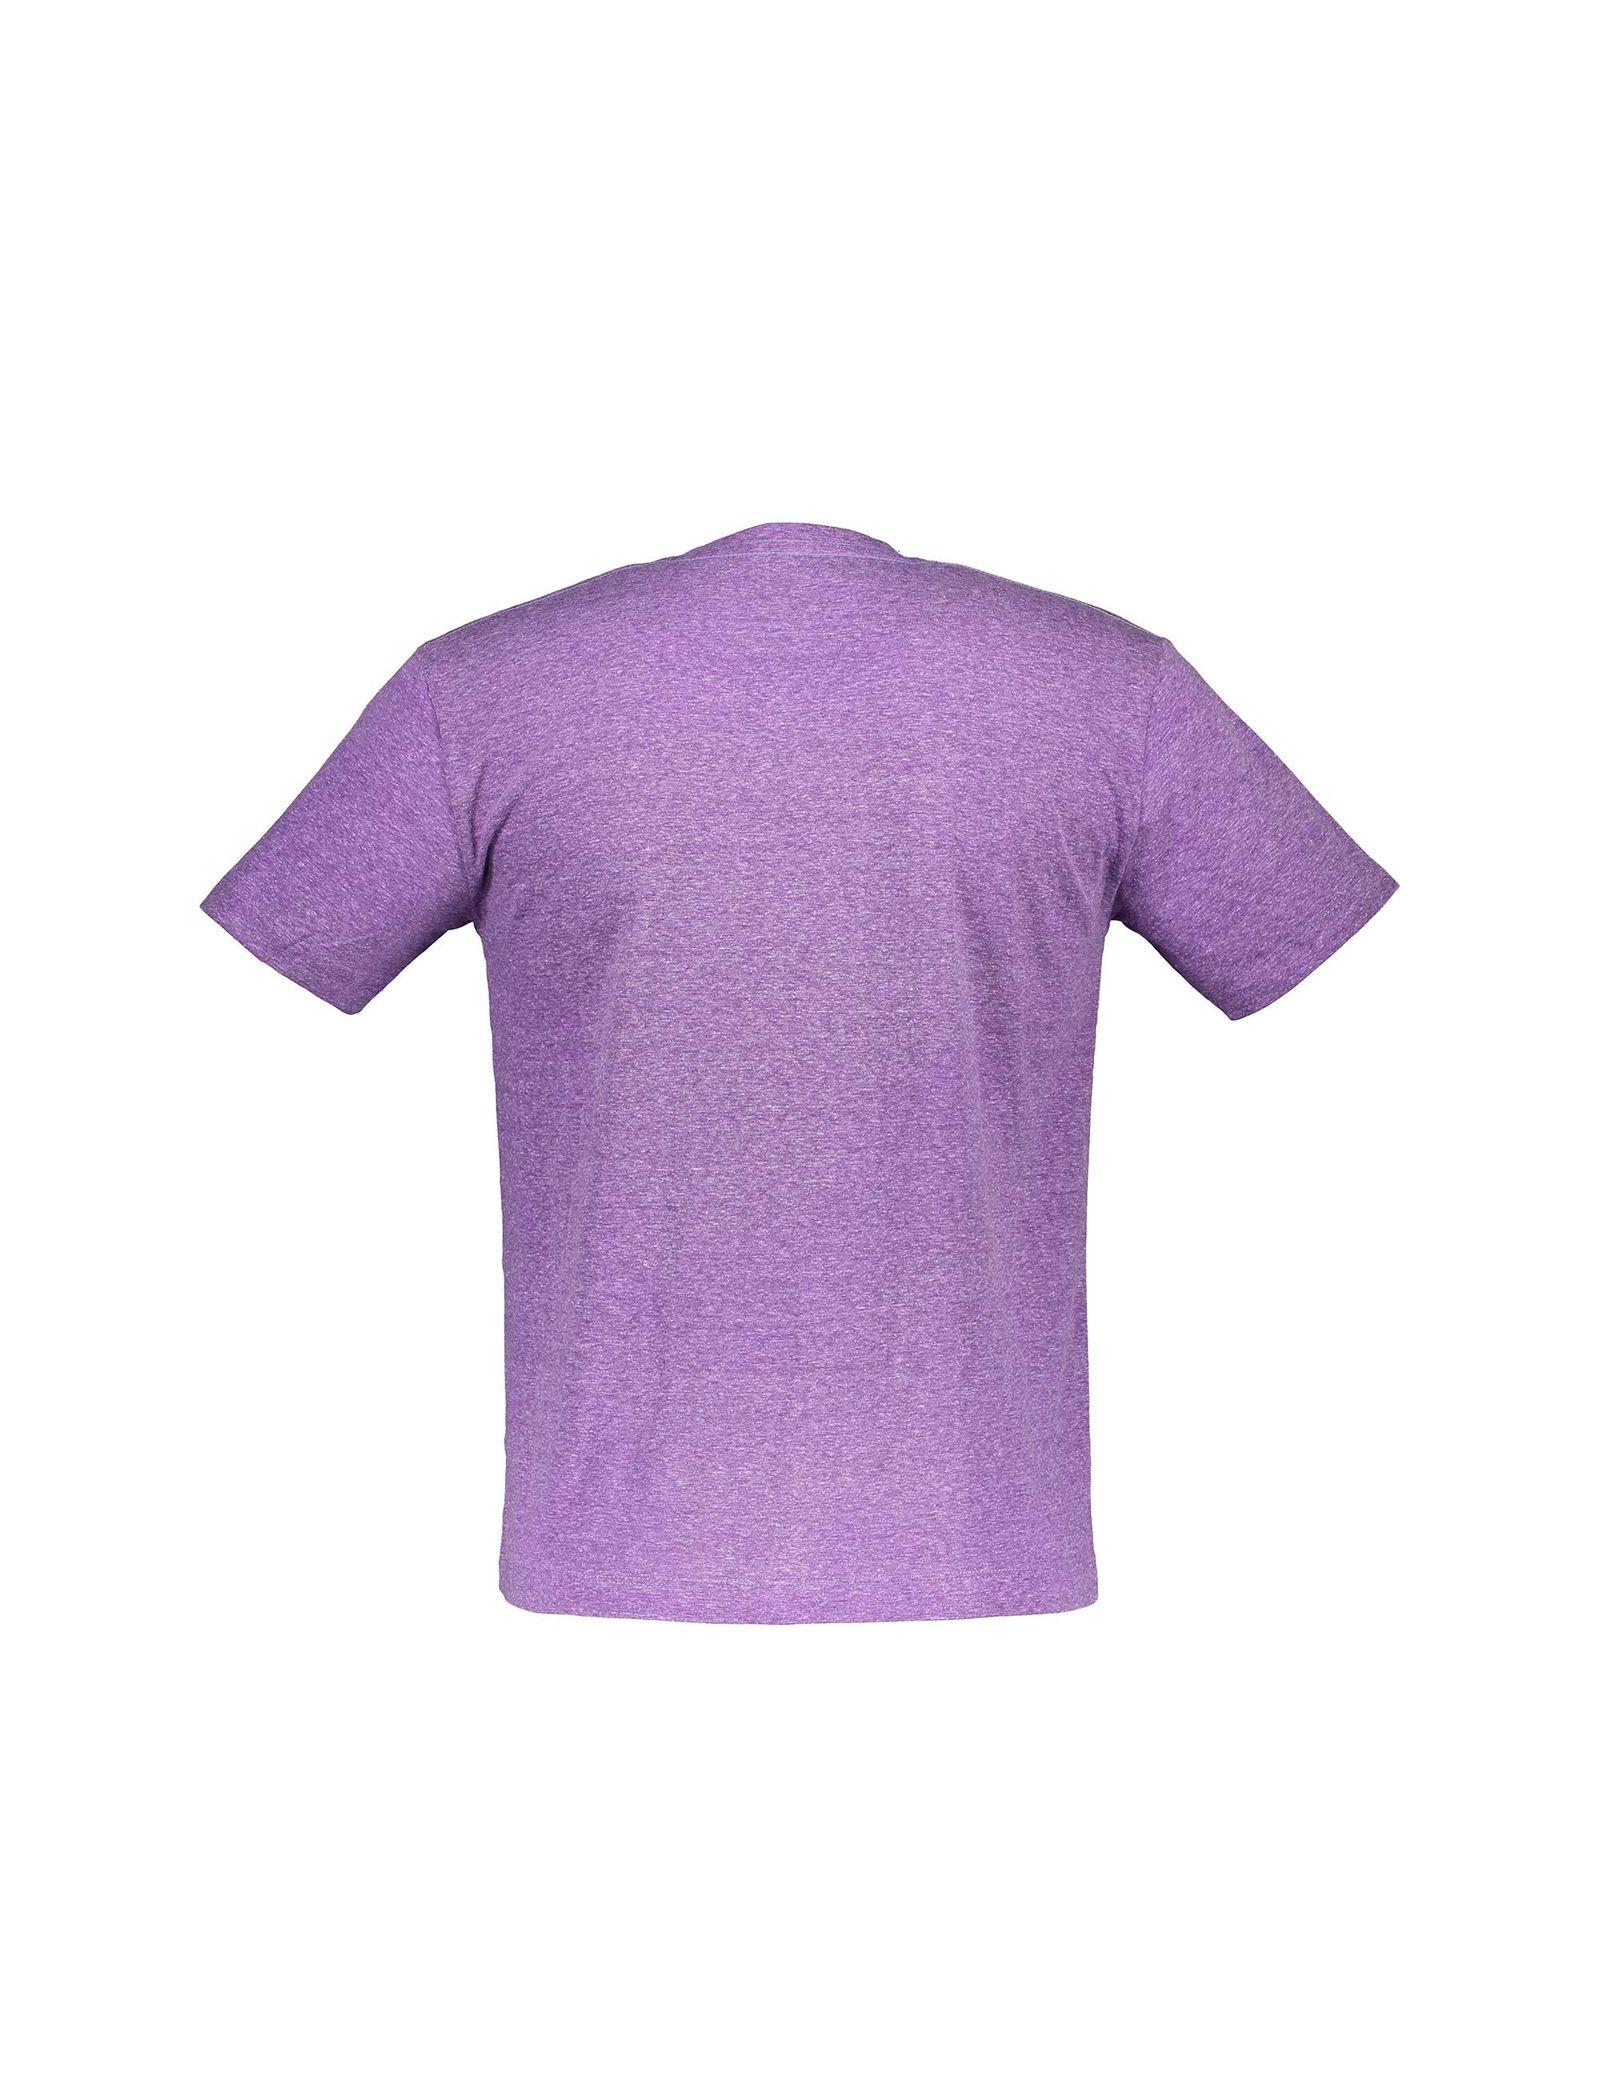 تی شرت یقه گرد مردانه - متی - قرمز - 2